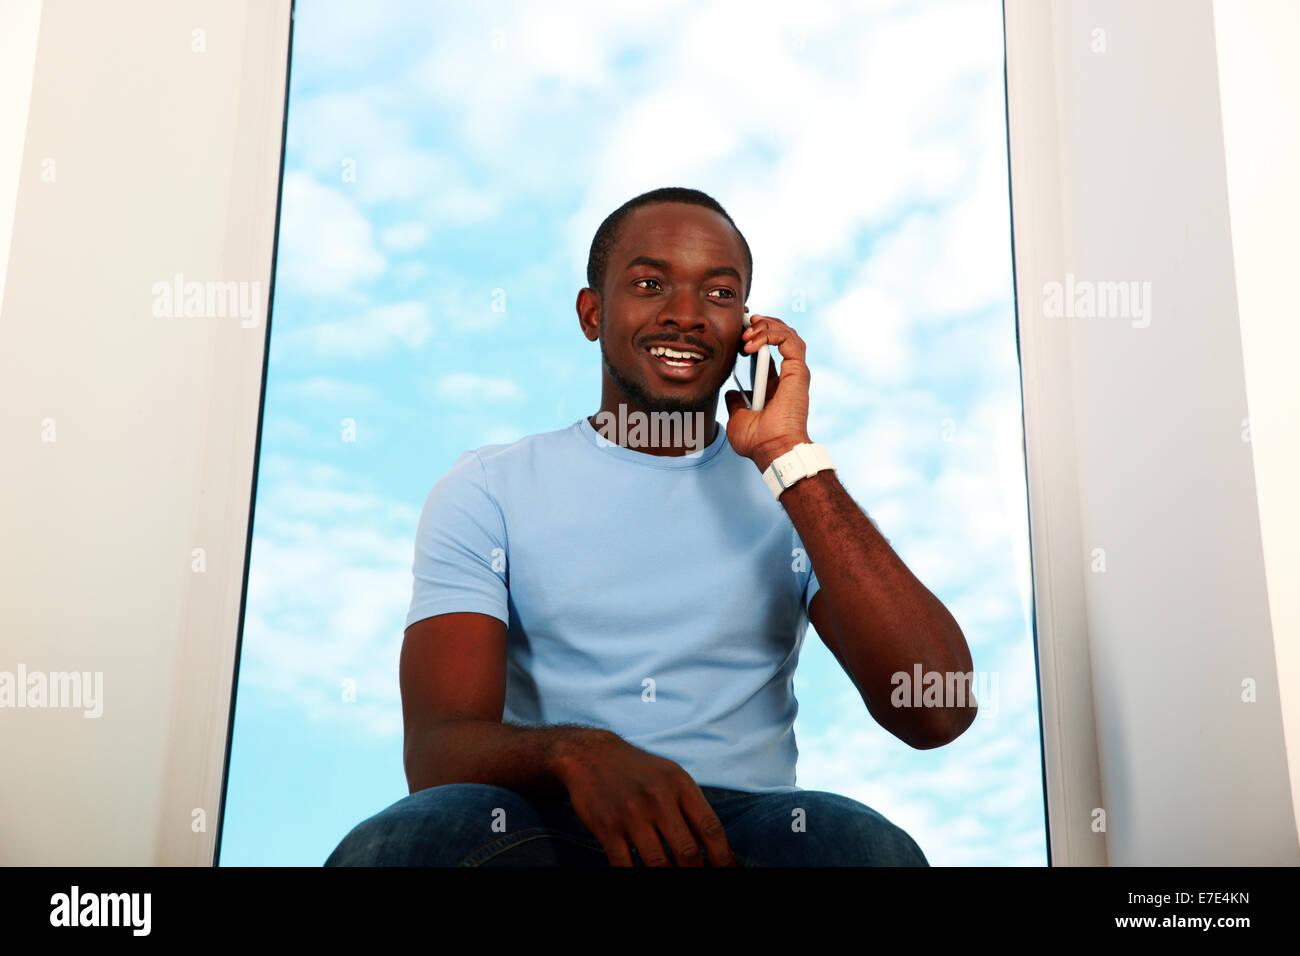 Portrait des afrikanischen glücklich am Telefon sprechen Stockfoto